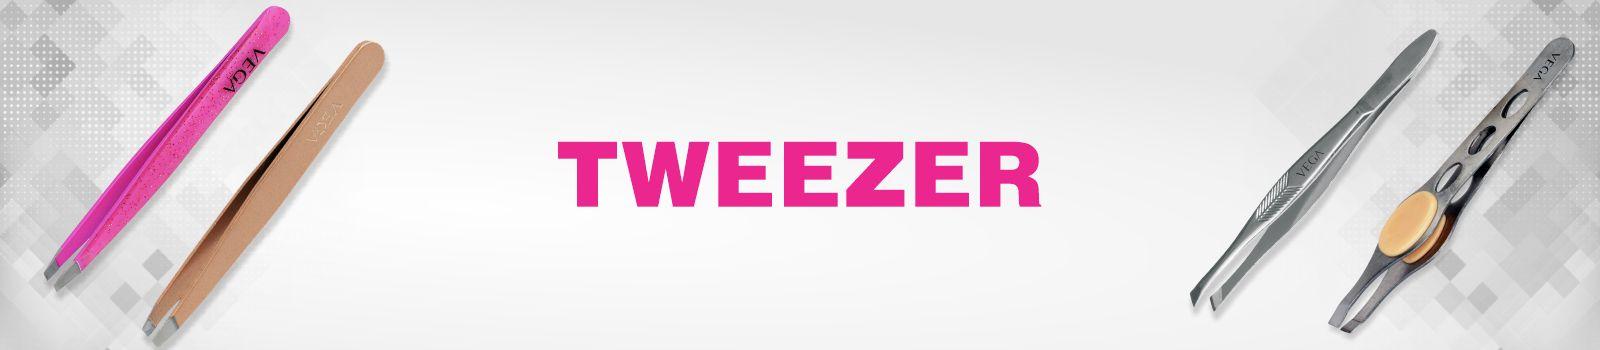 Tweezer